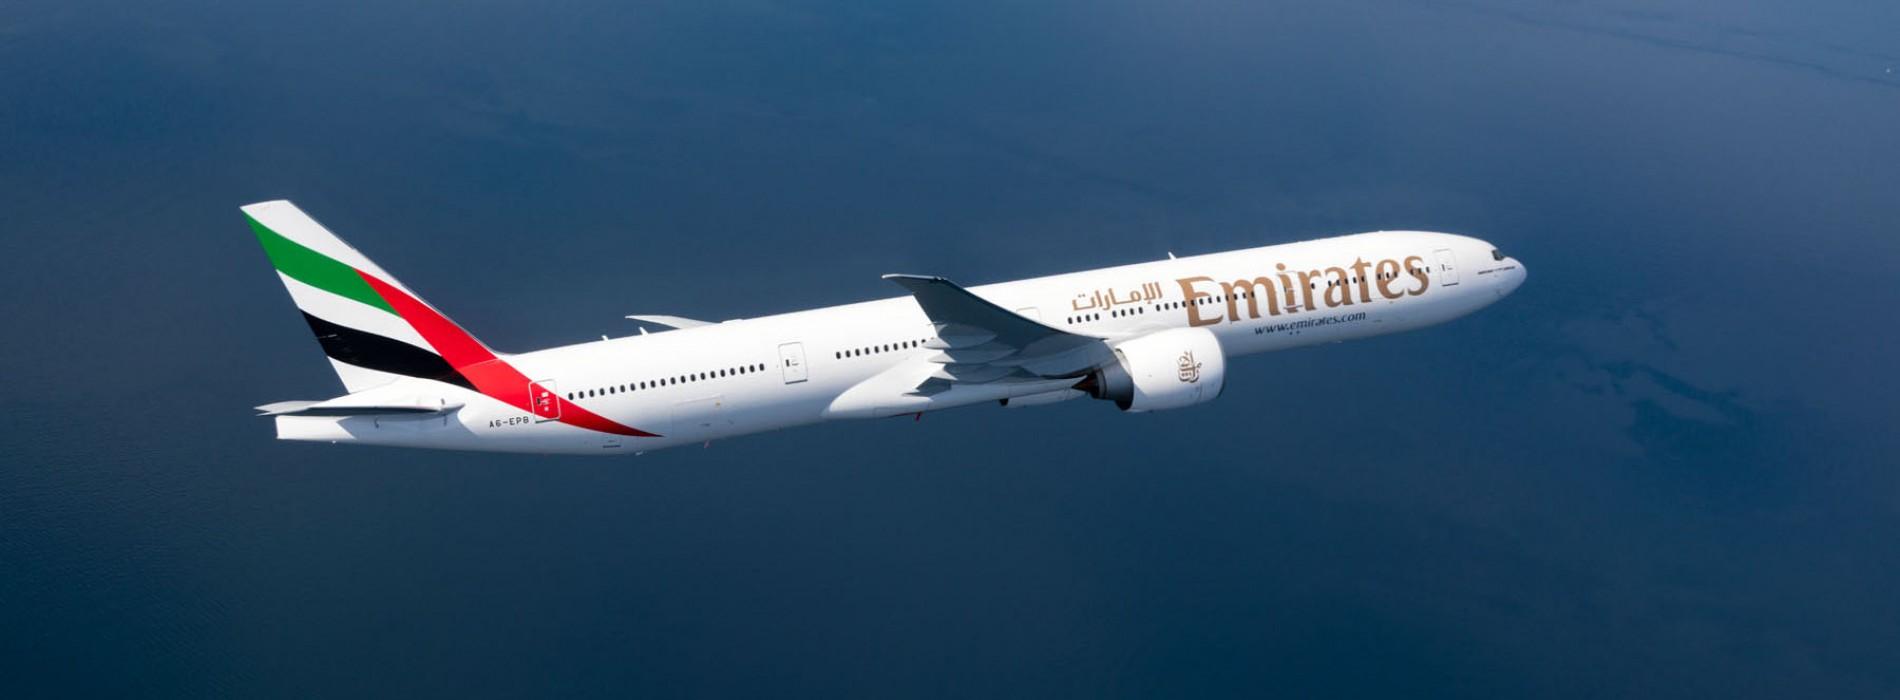 Emirates to add a fourth daily flight to Riyadh